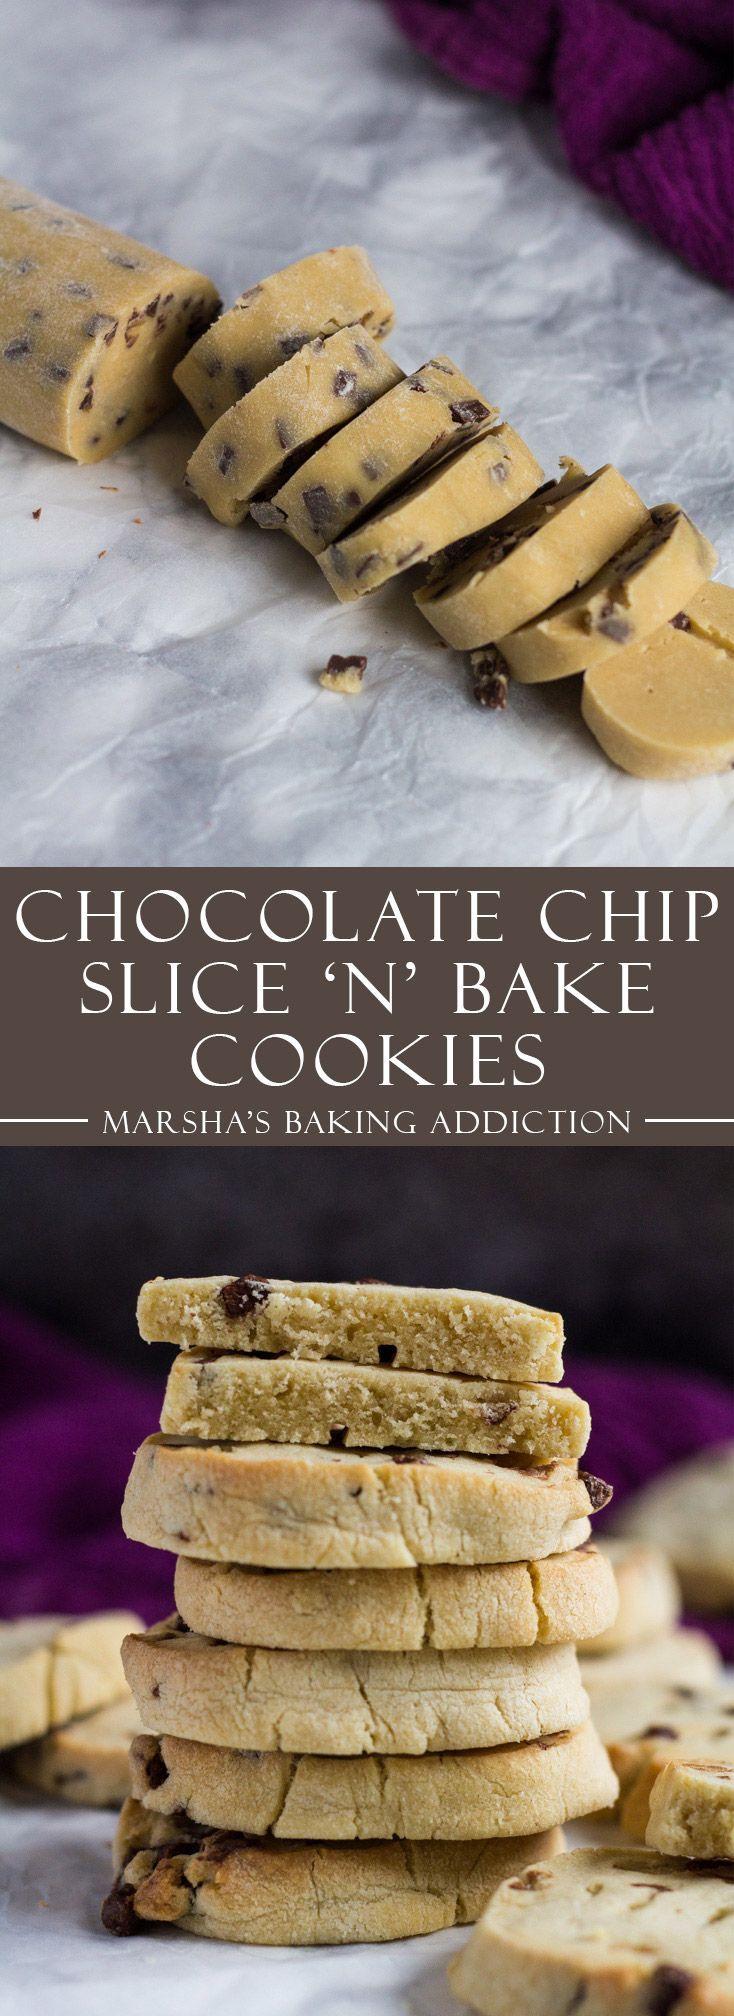 Chocolate Chip Slice 'n' Bake Cookies